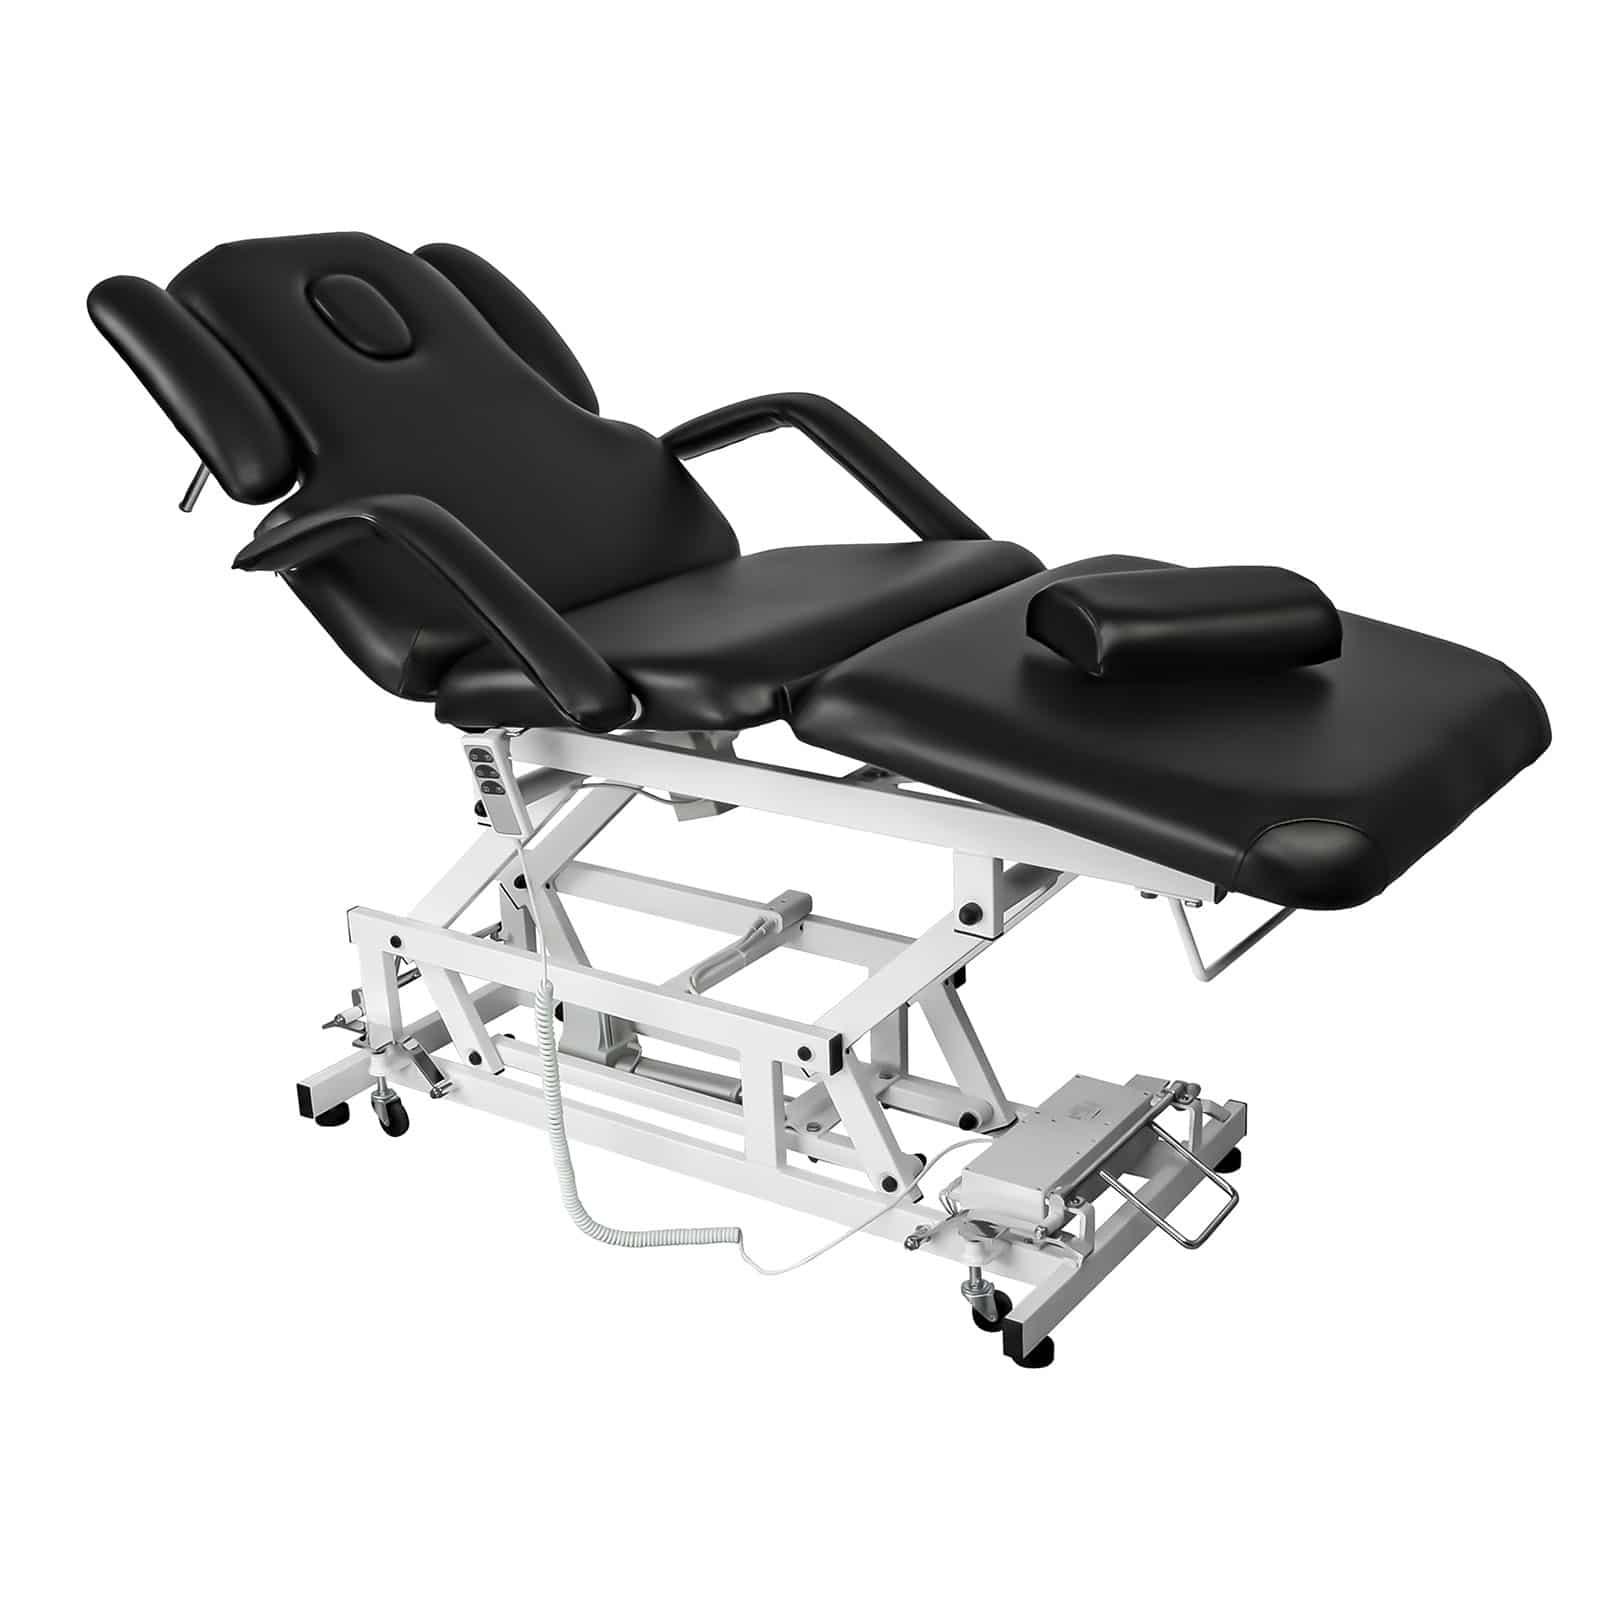 Table de massage lectrique delirious noir - Table electrique osteopathie occasion ...